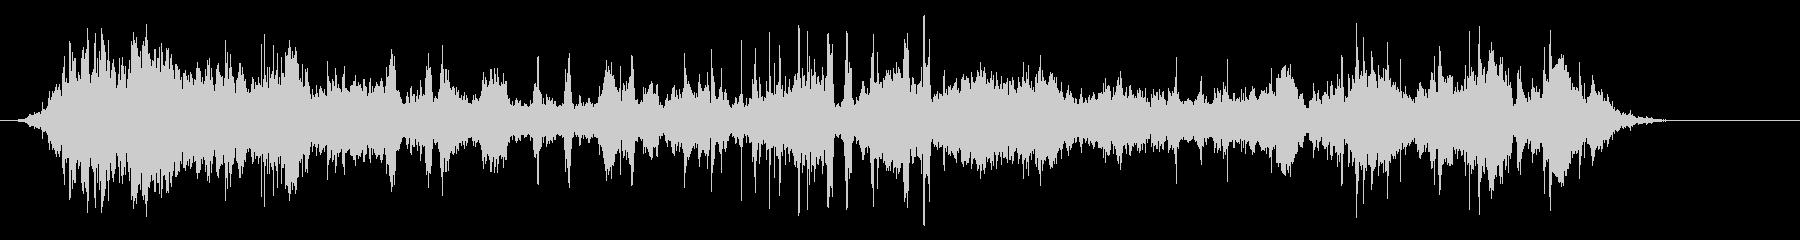 エルロシオカレタエンリオの未再生の波形